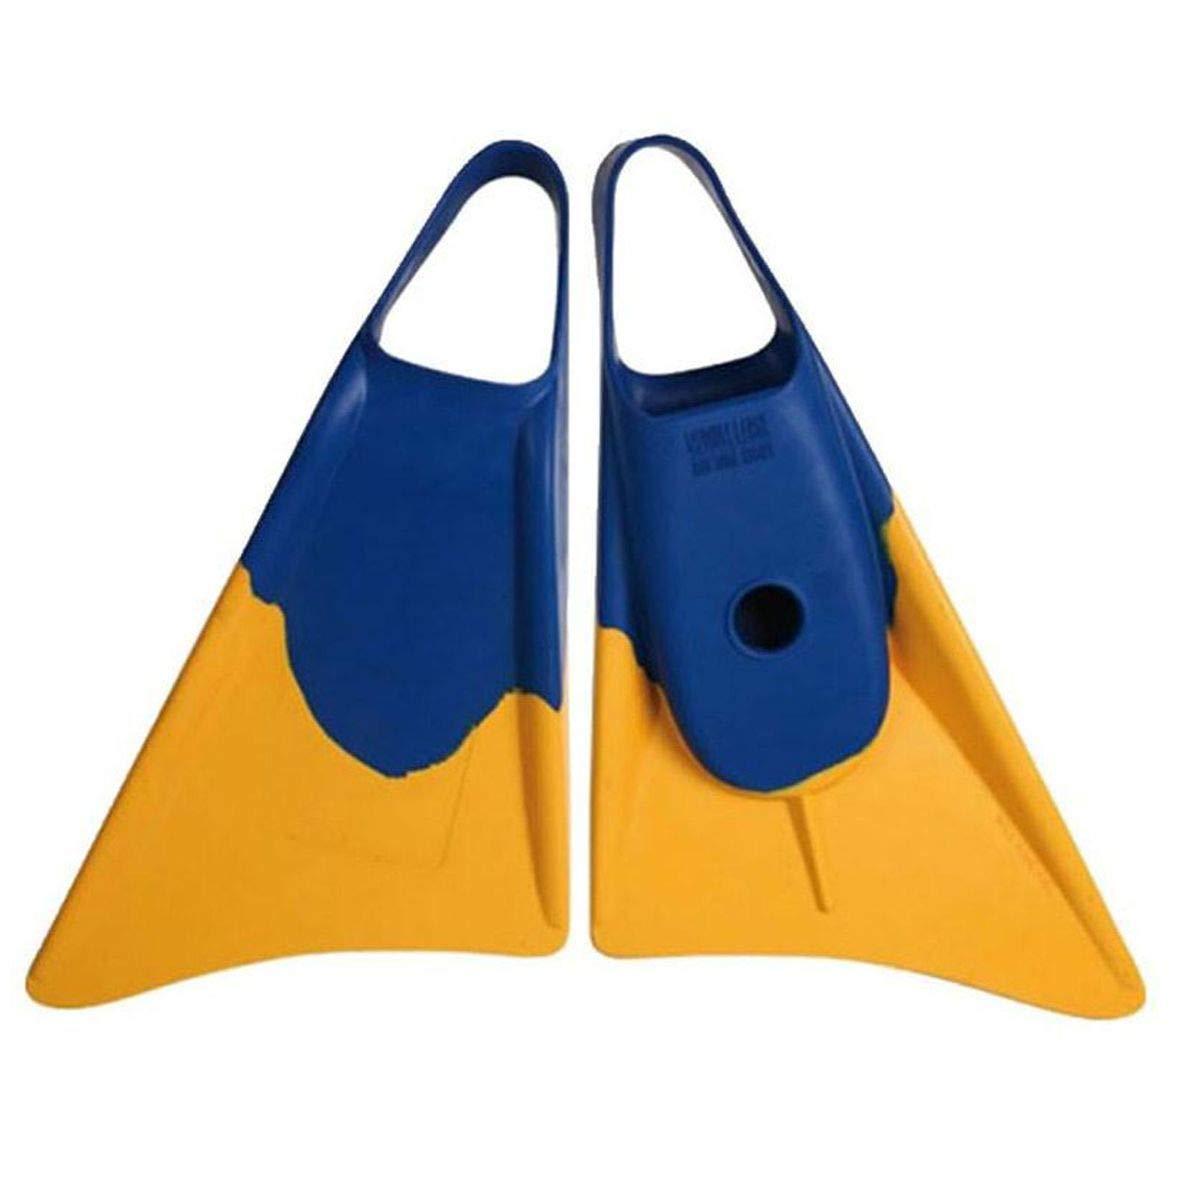 5 amarillo azul Weapon bodyboard ALETA M 39-40